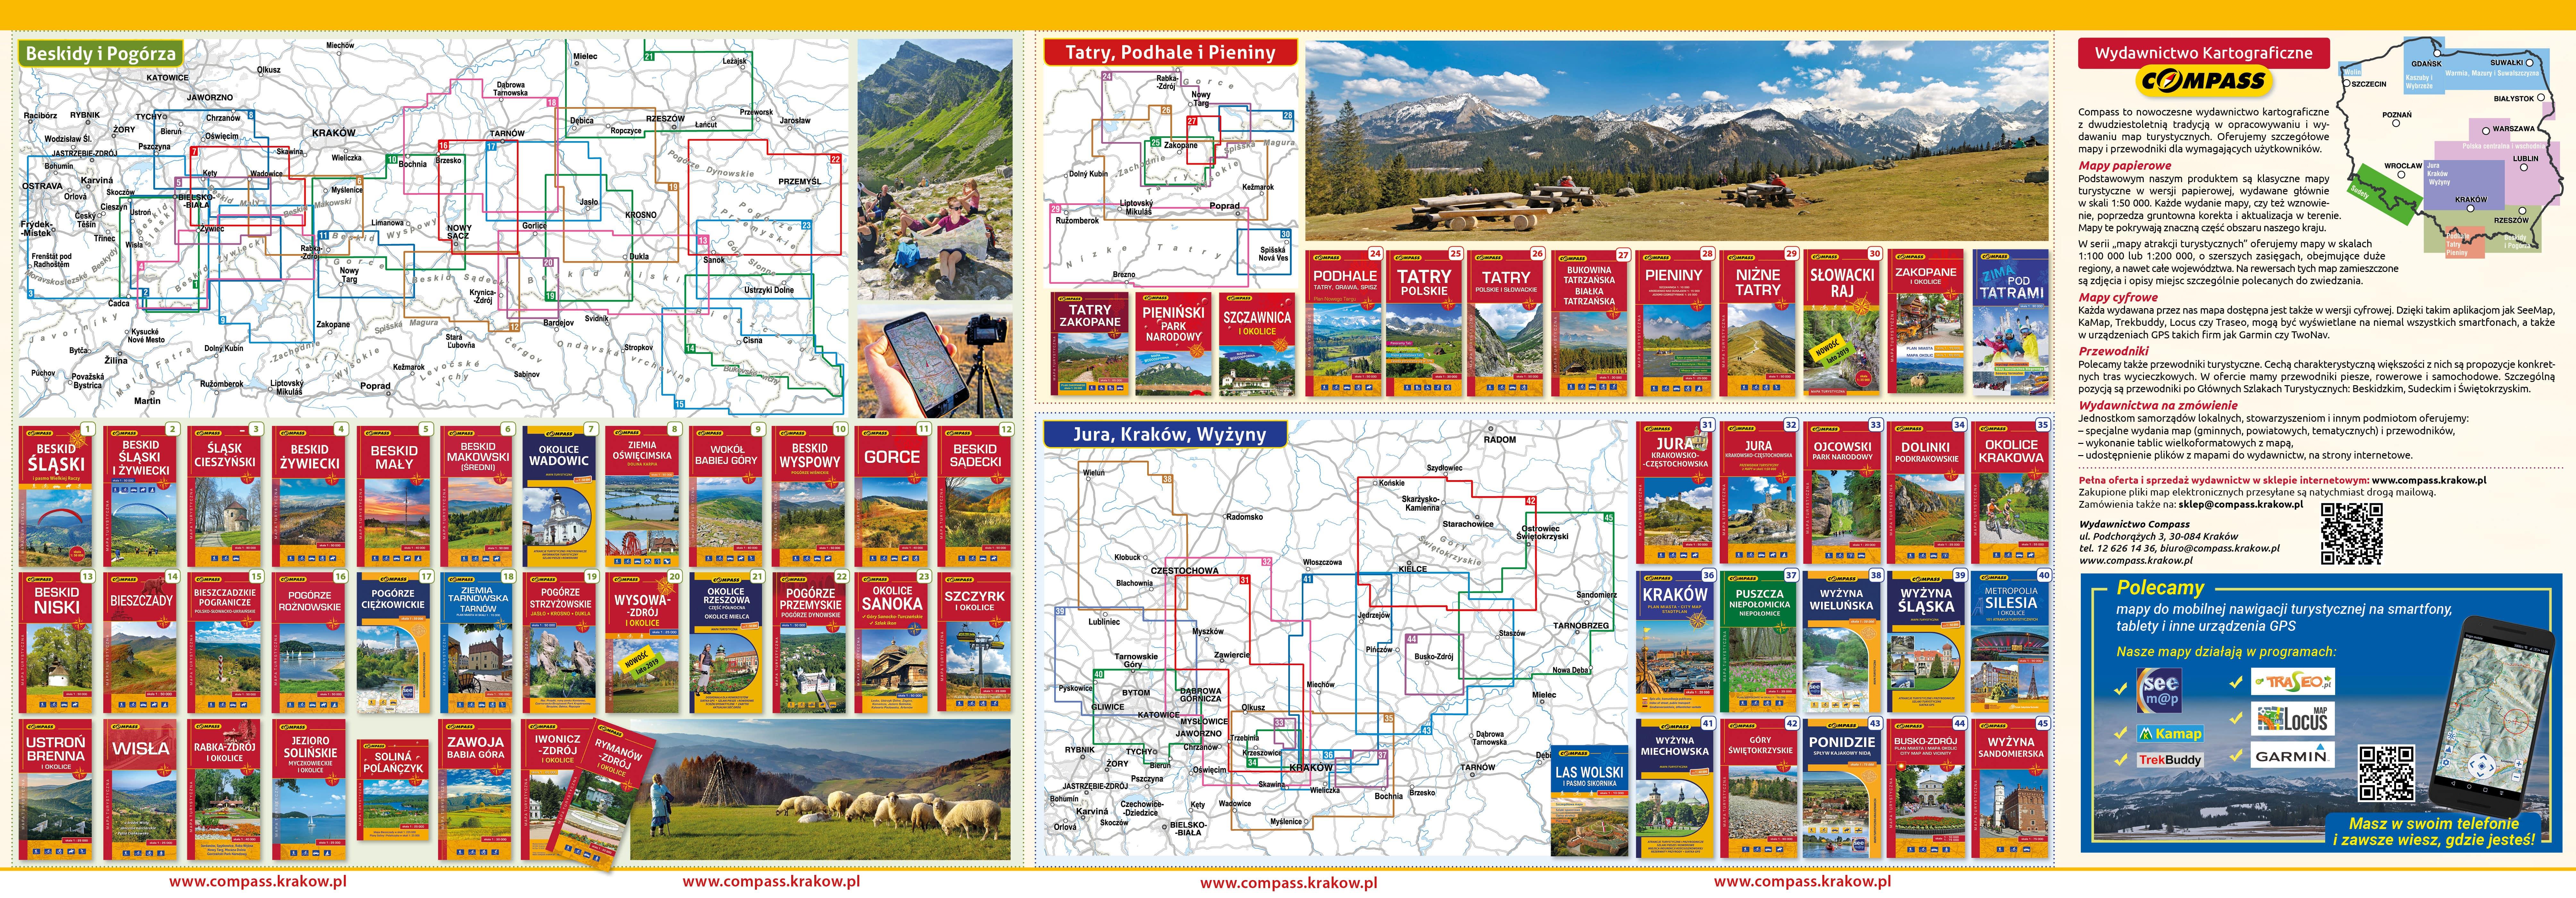 Compass Wydawnictwo Turystyczne - mapy, przewodniki, mapy